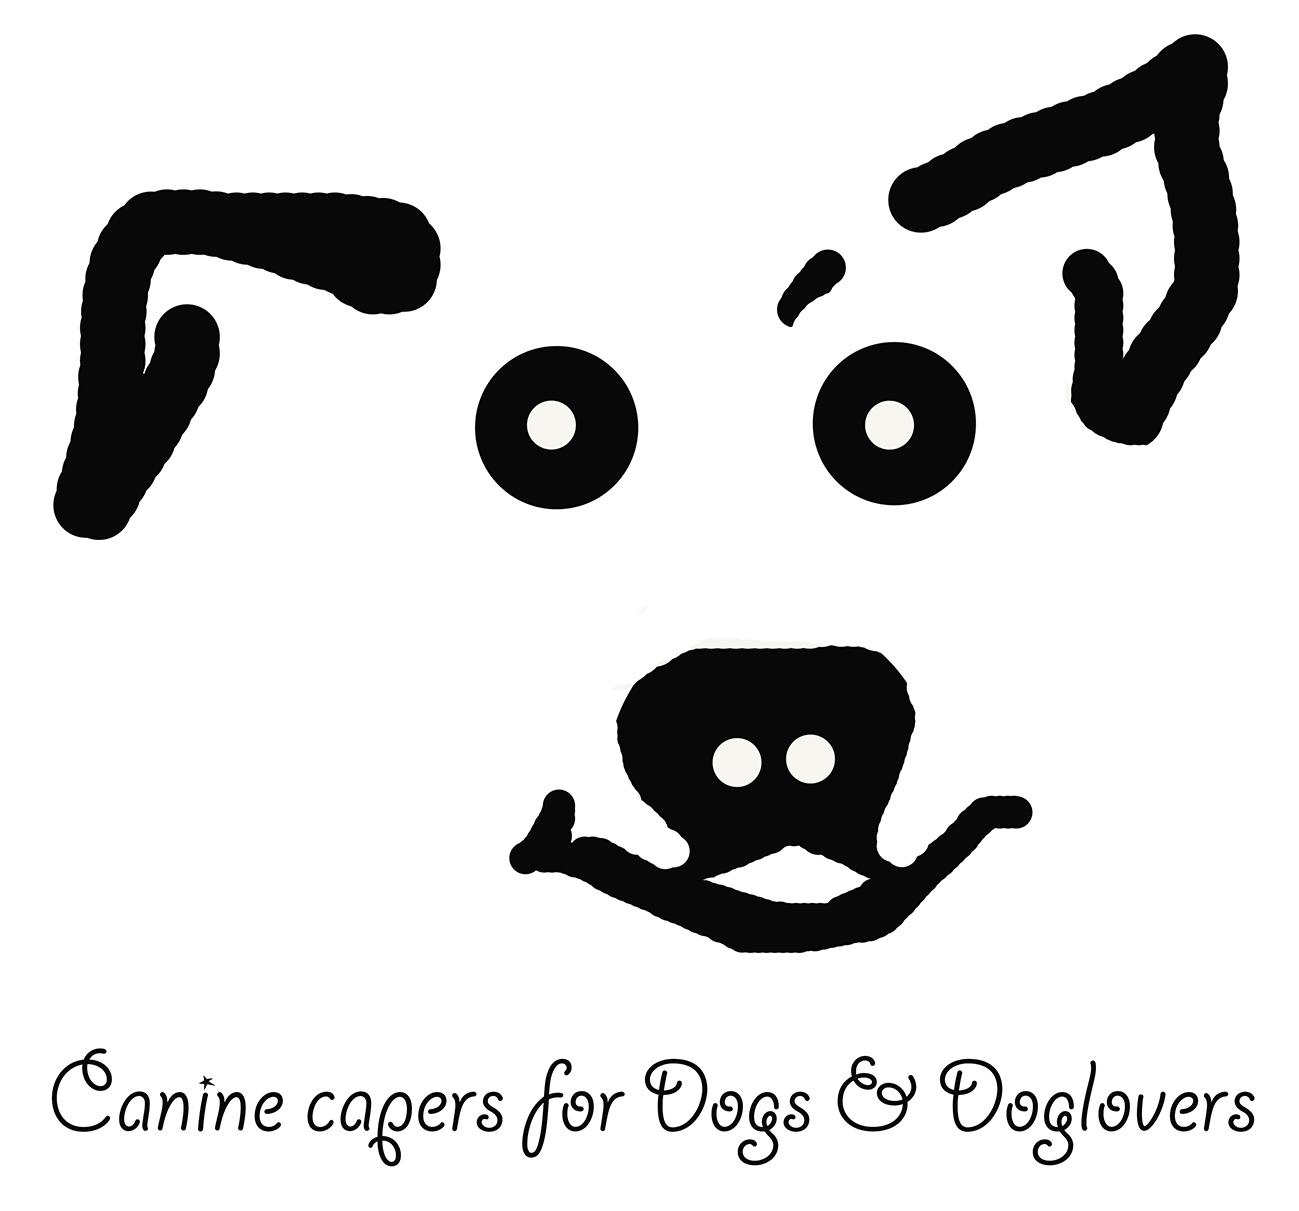 Tagline For Dog Lovers